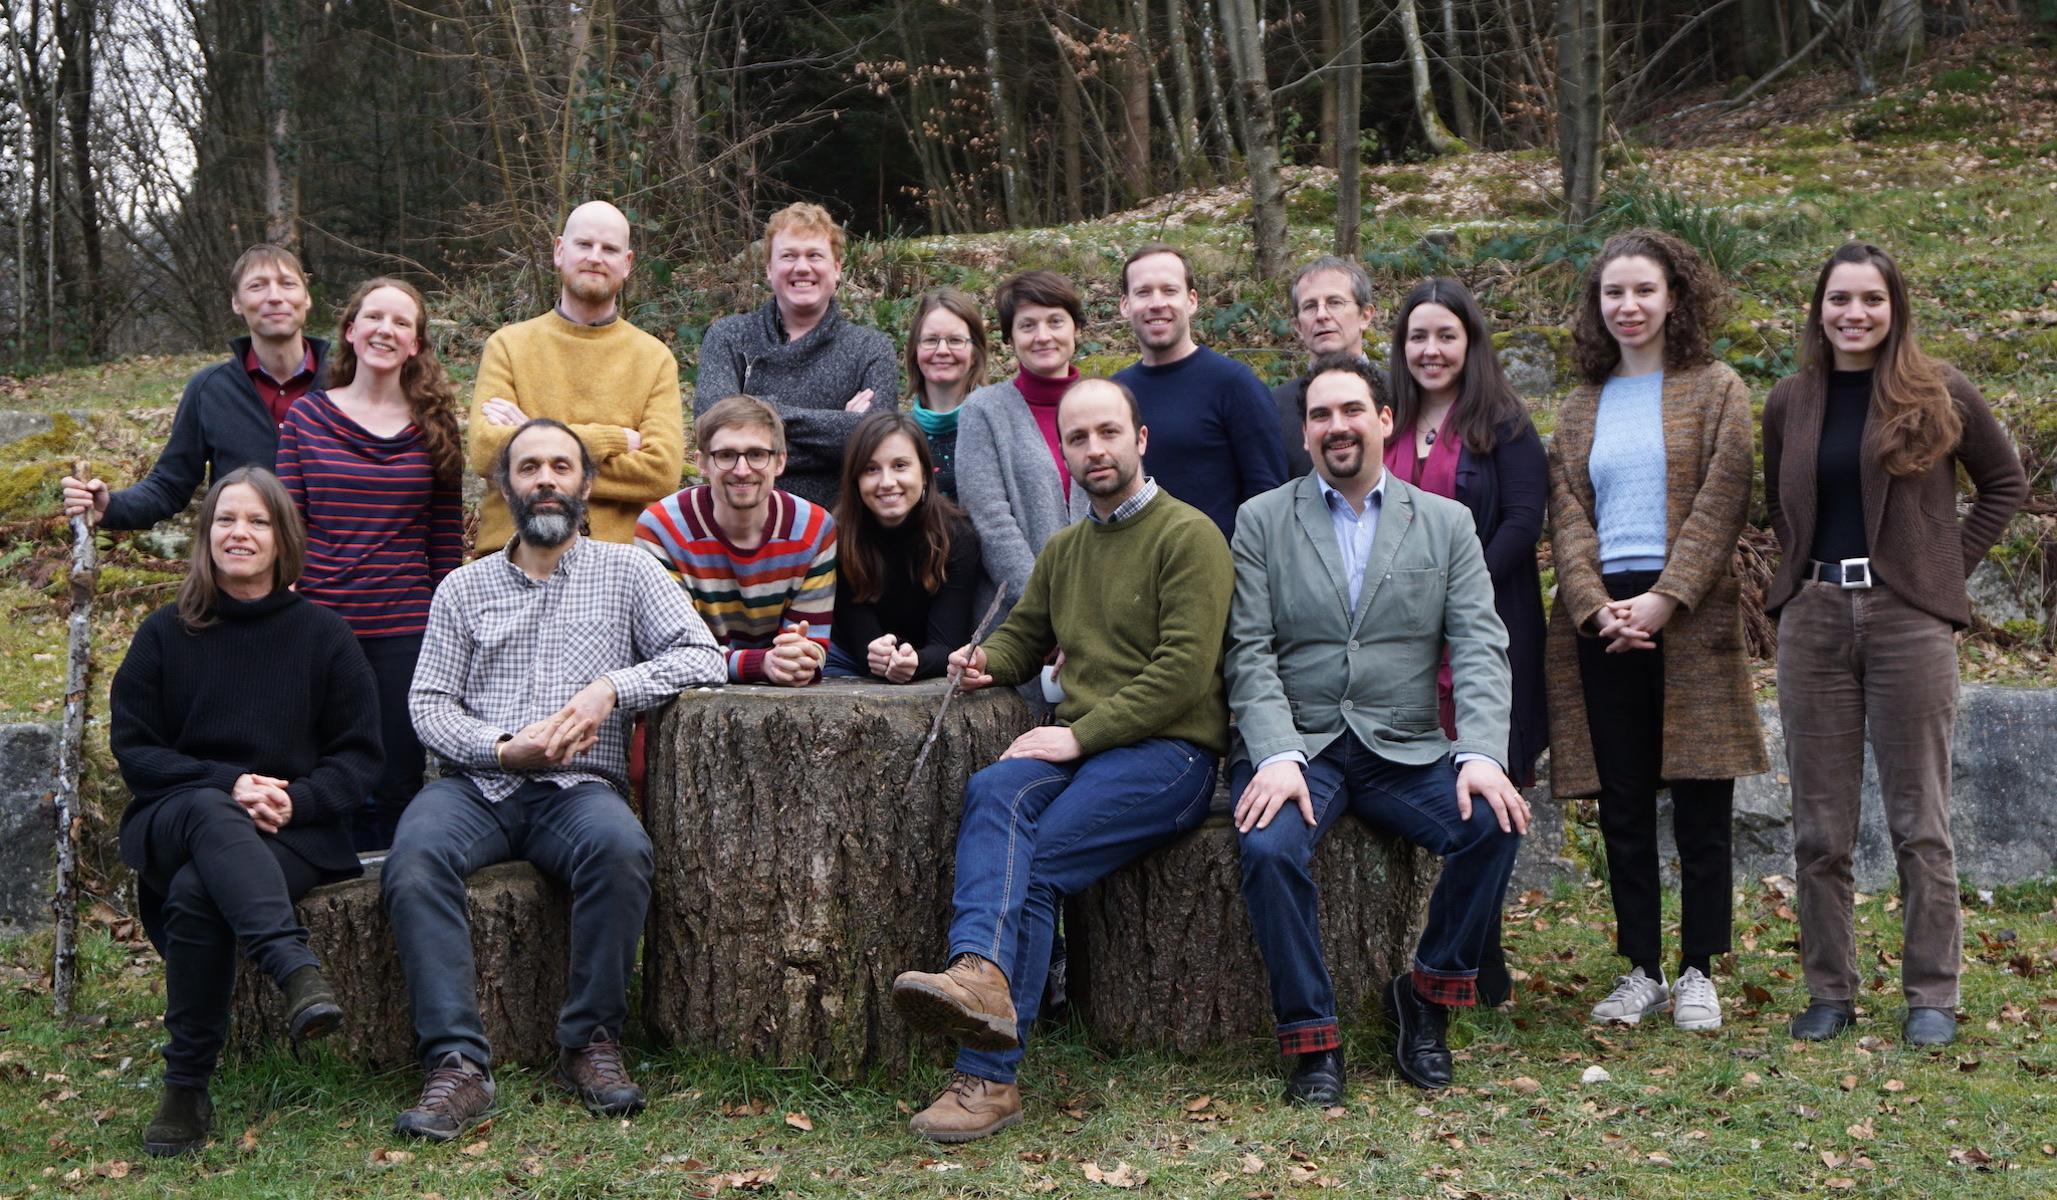 The UrbanA team gathers at its kickoff meeting. Image credit: UrbanA